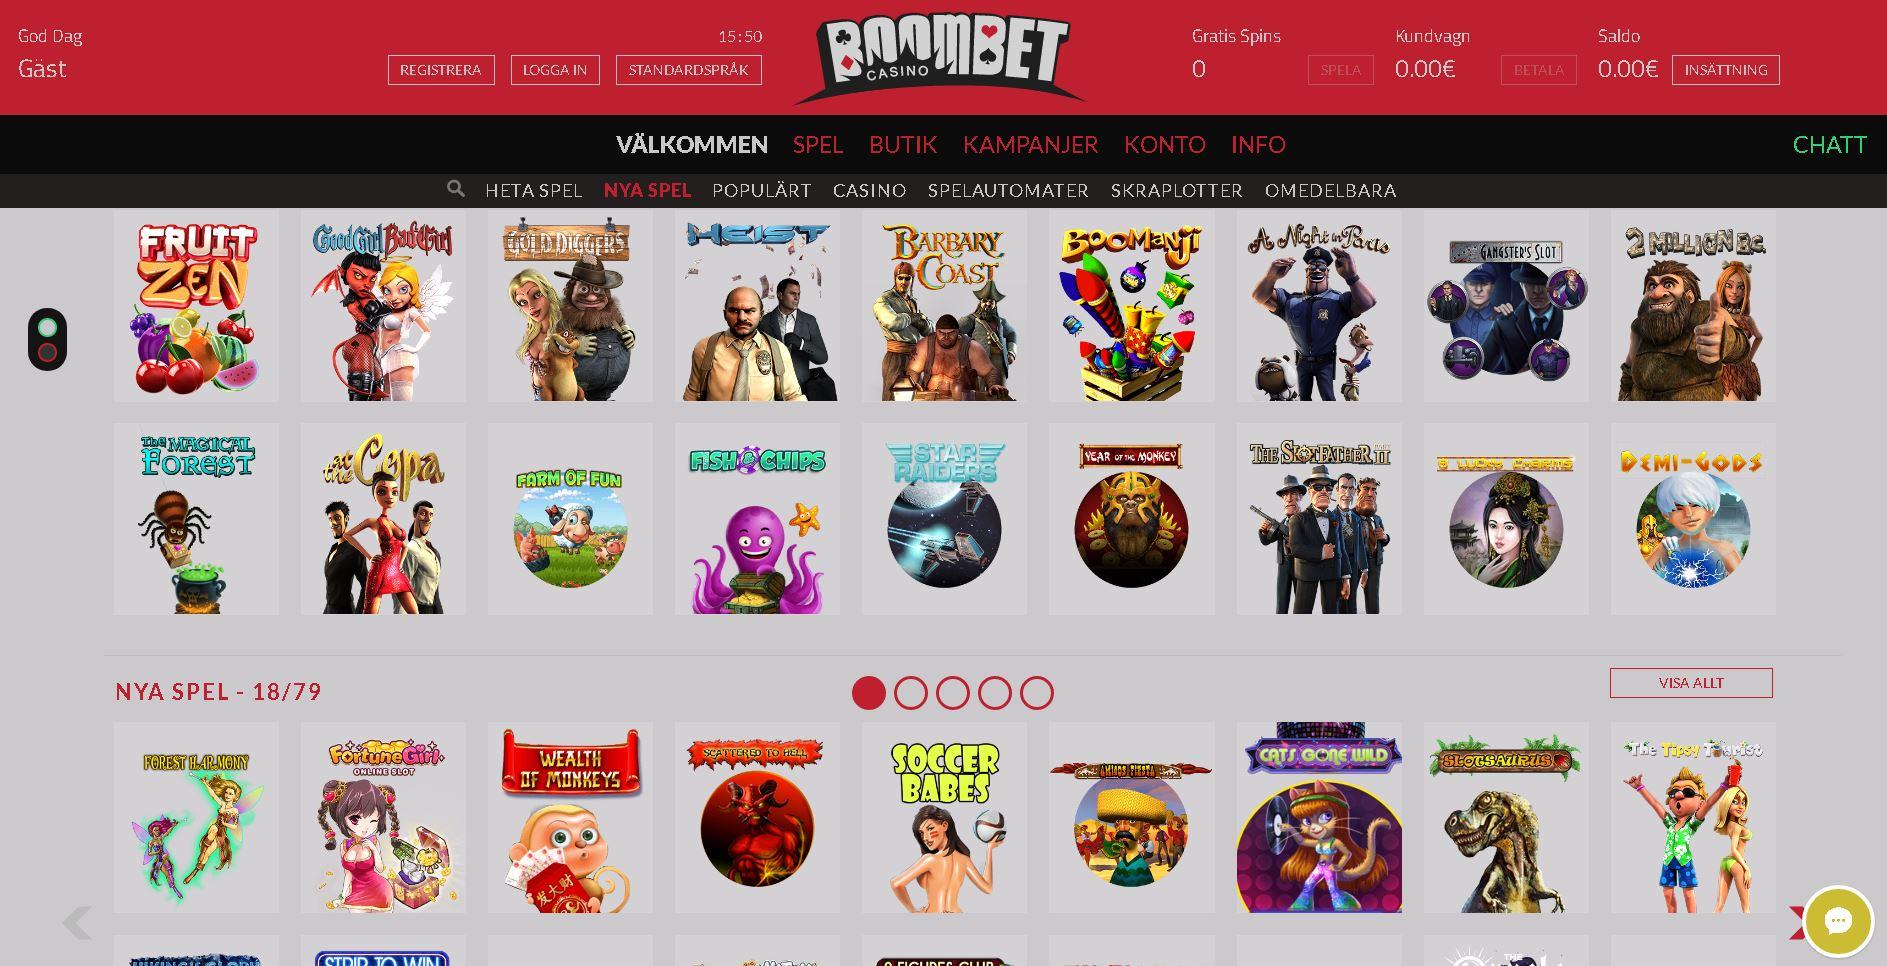 BoomBet slots